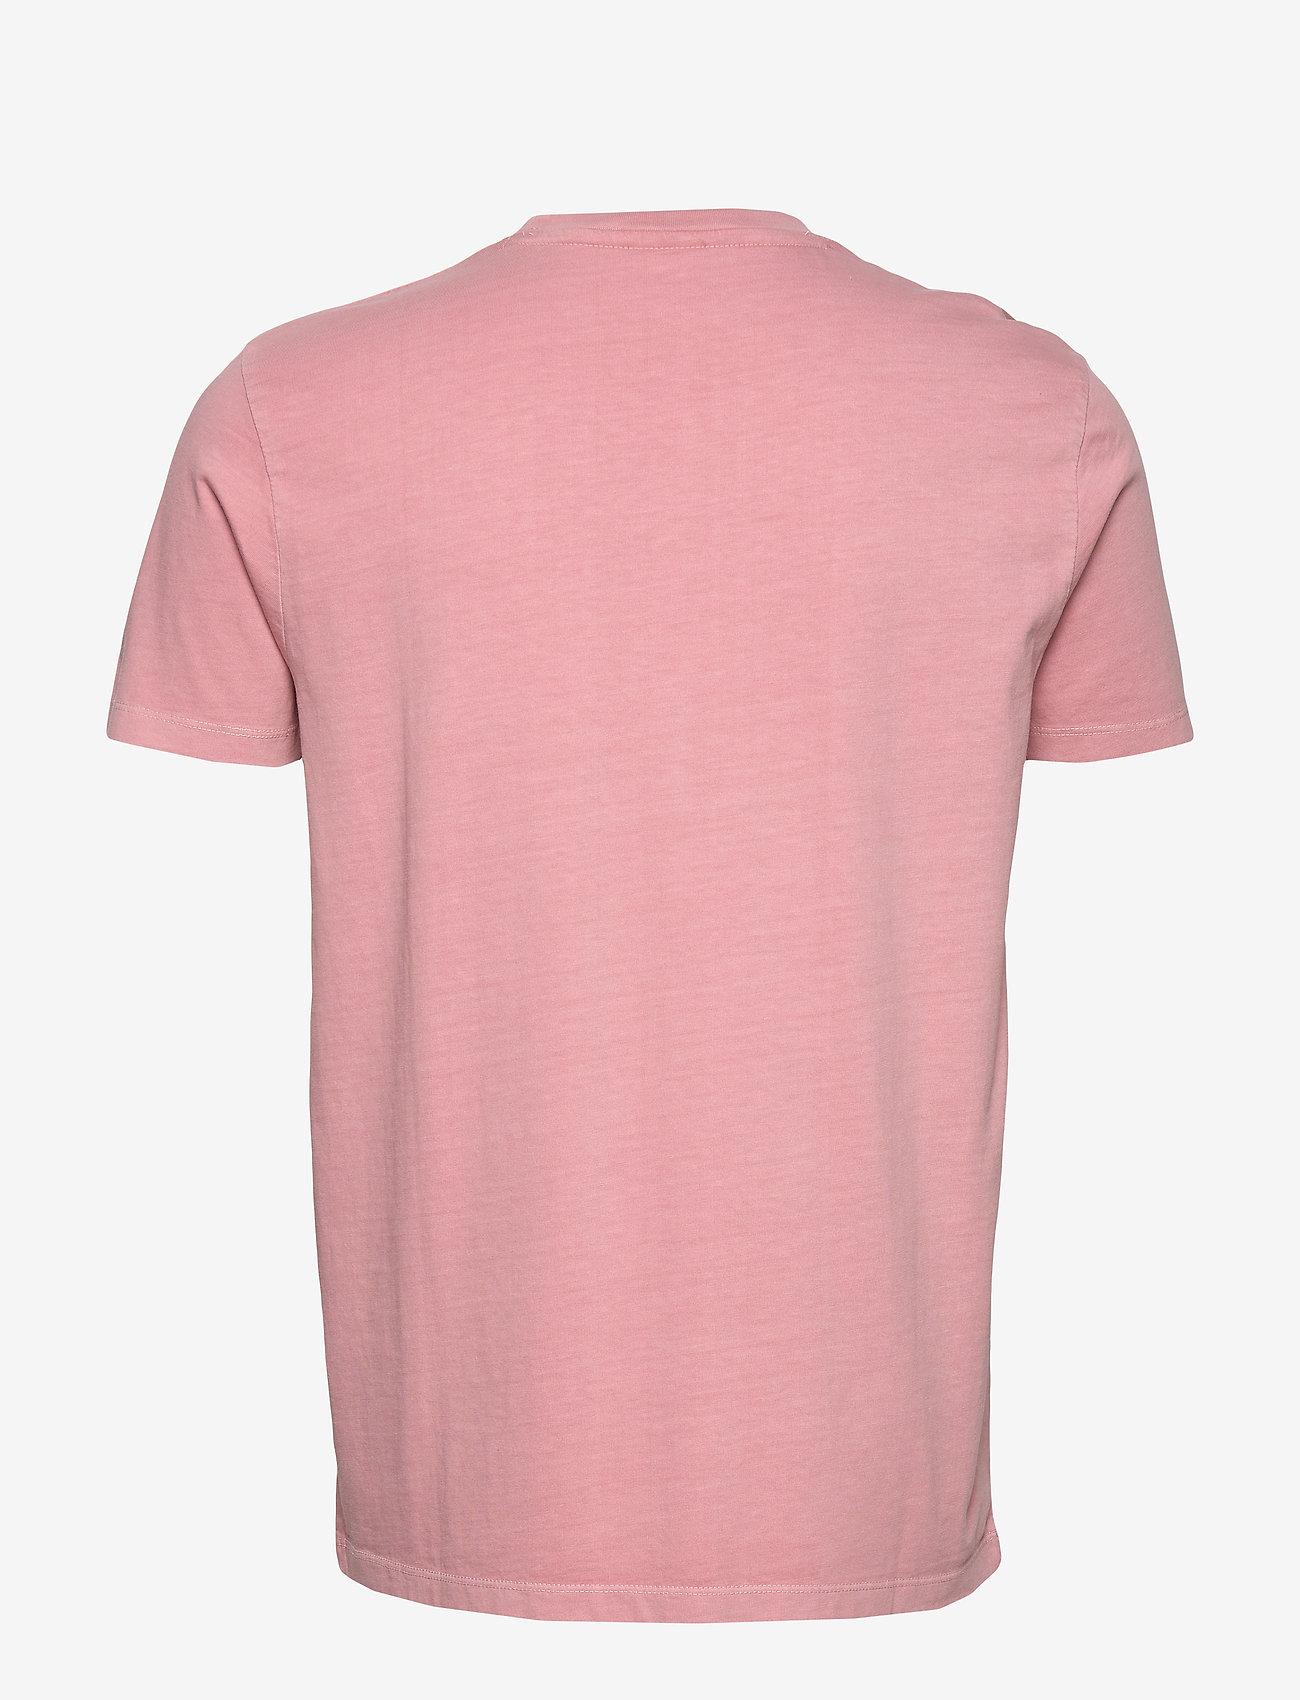 Hi-tec Ht Cowles - T-shirts Pink